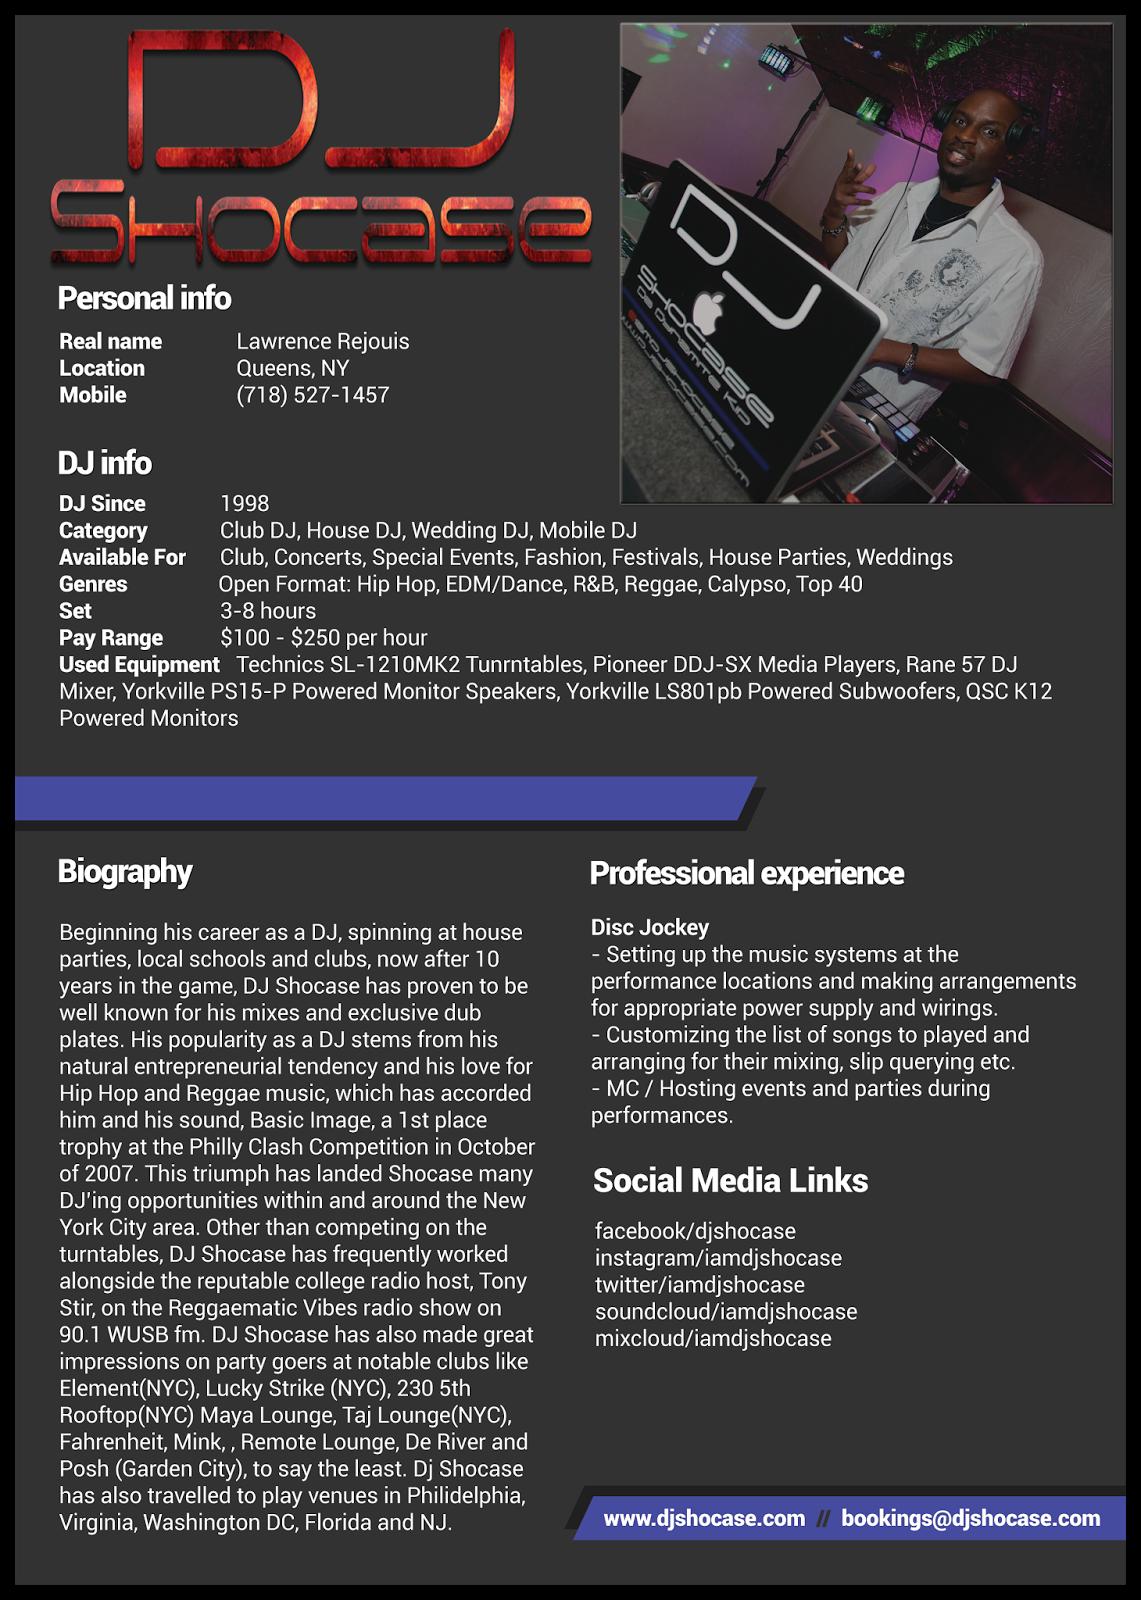 Dj Shocase Electronic Press Kit